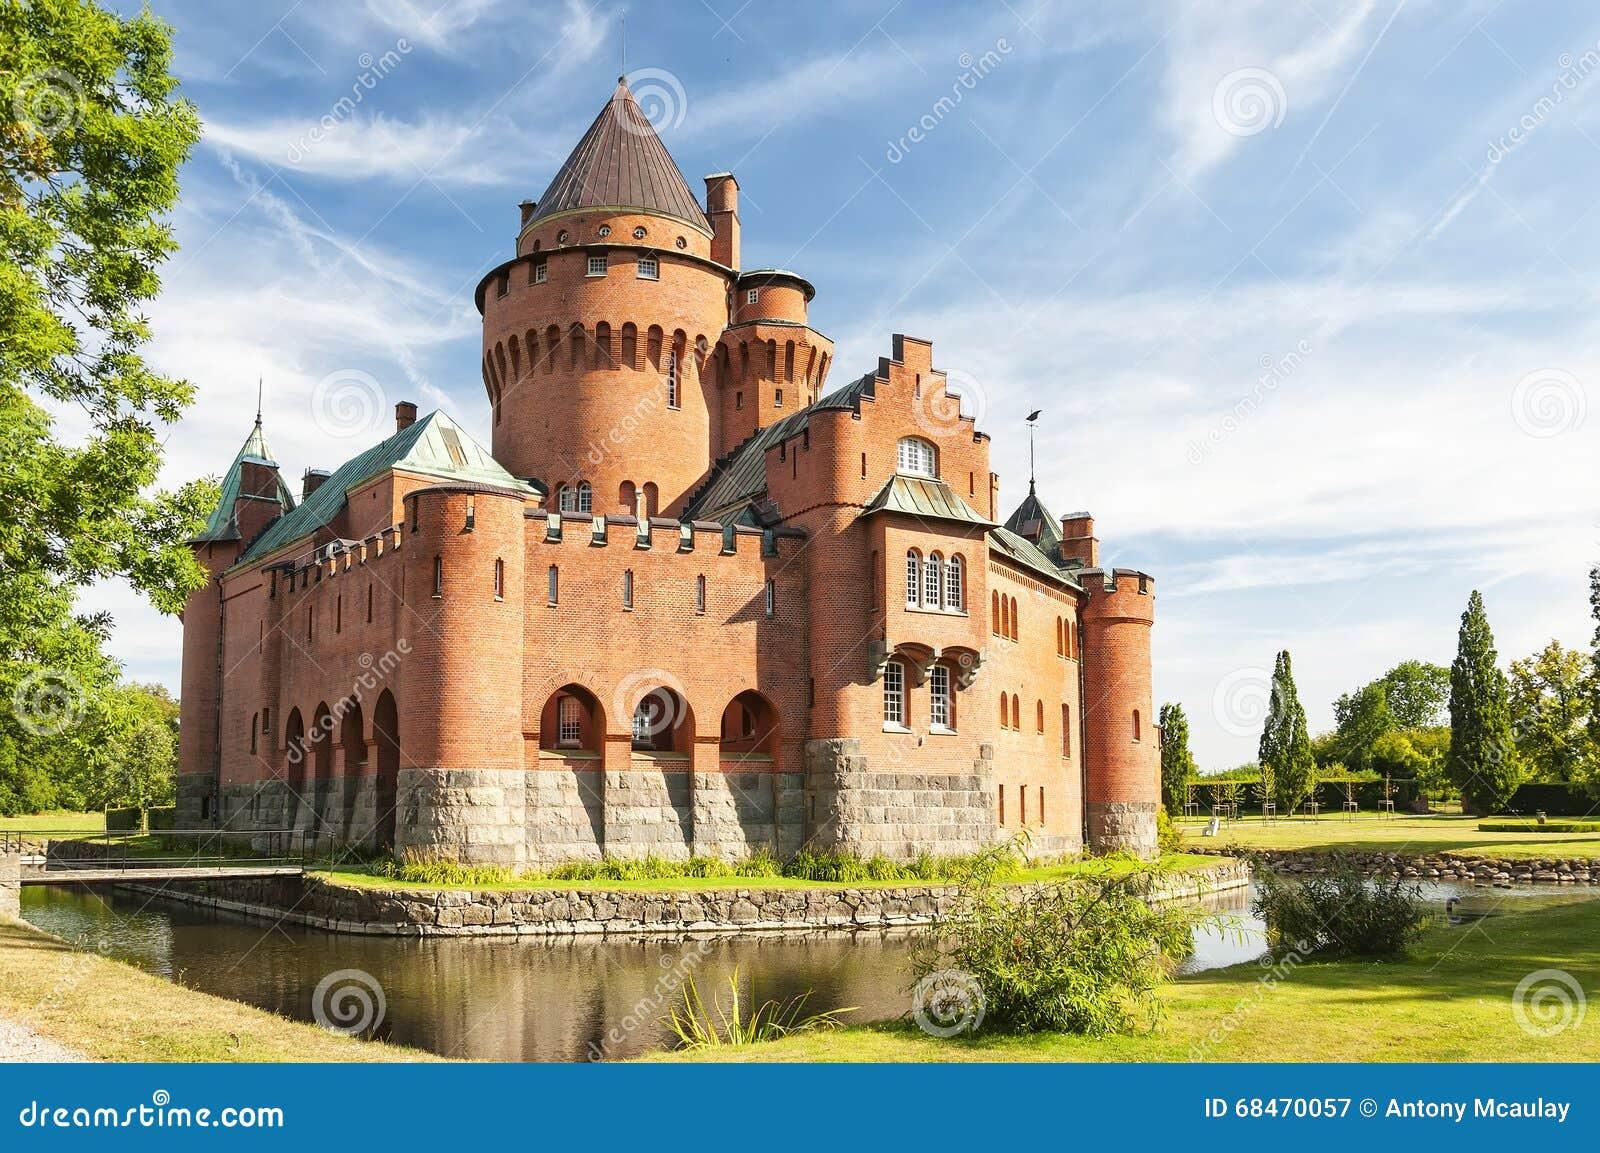 slott i sverige karta Hjularod slott i Sverige fotografering för bildbyråer. Bild av  slott i sverige karta